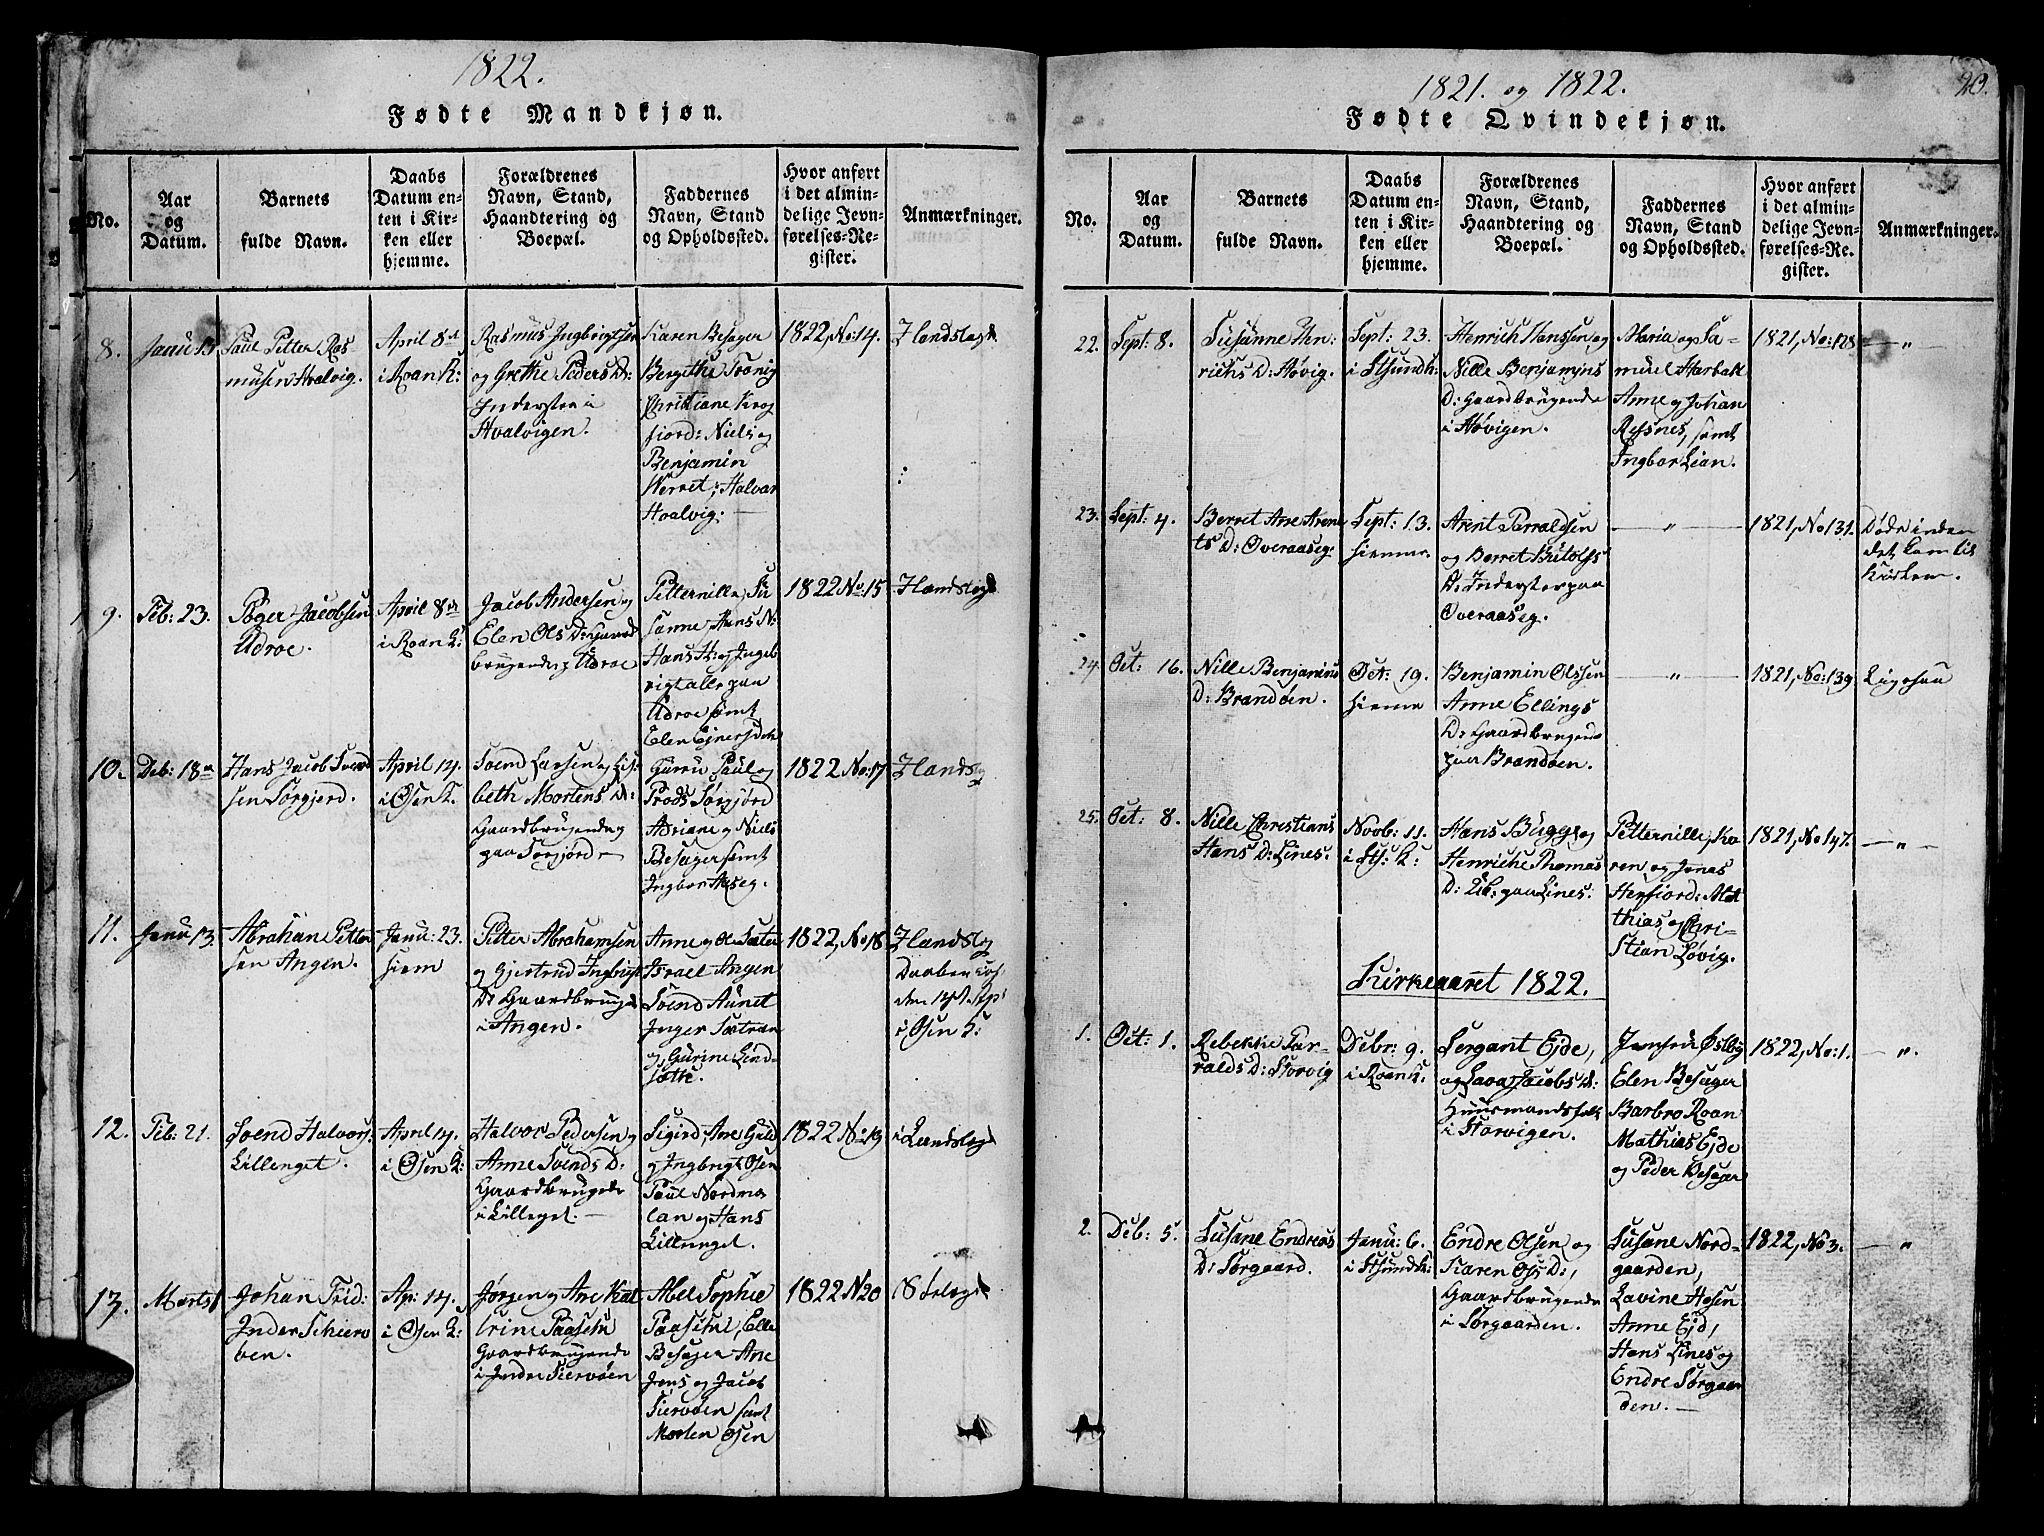 SAT, Ministerialprotokoller, klokkerbøker og fødselsregistre - Sør-Trøndelag, 657/L0714: Klokkerbok nr. 657C01, 1818-1868, s. 20